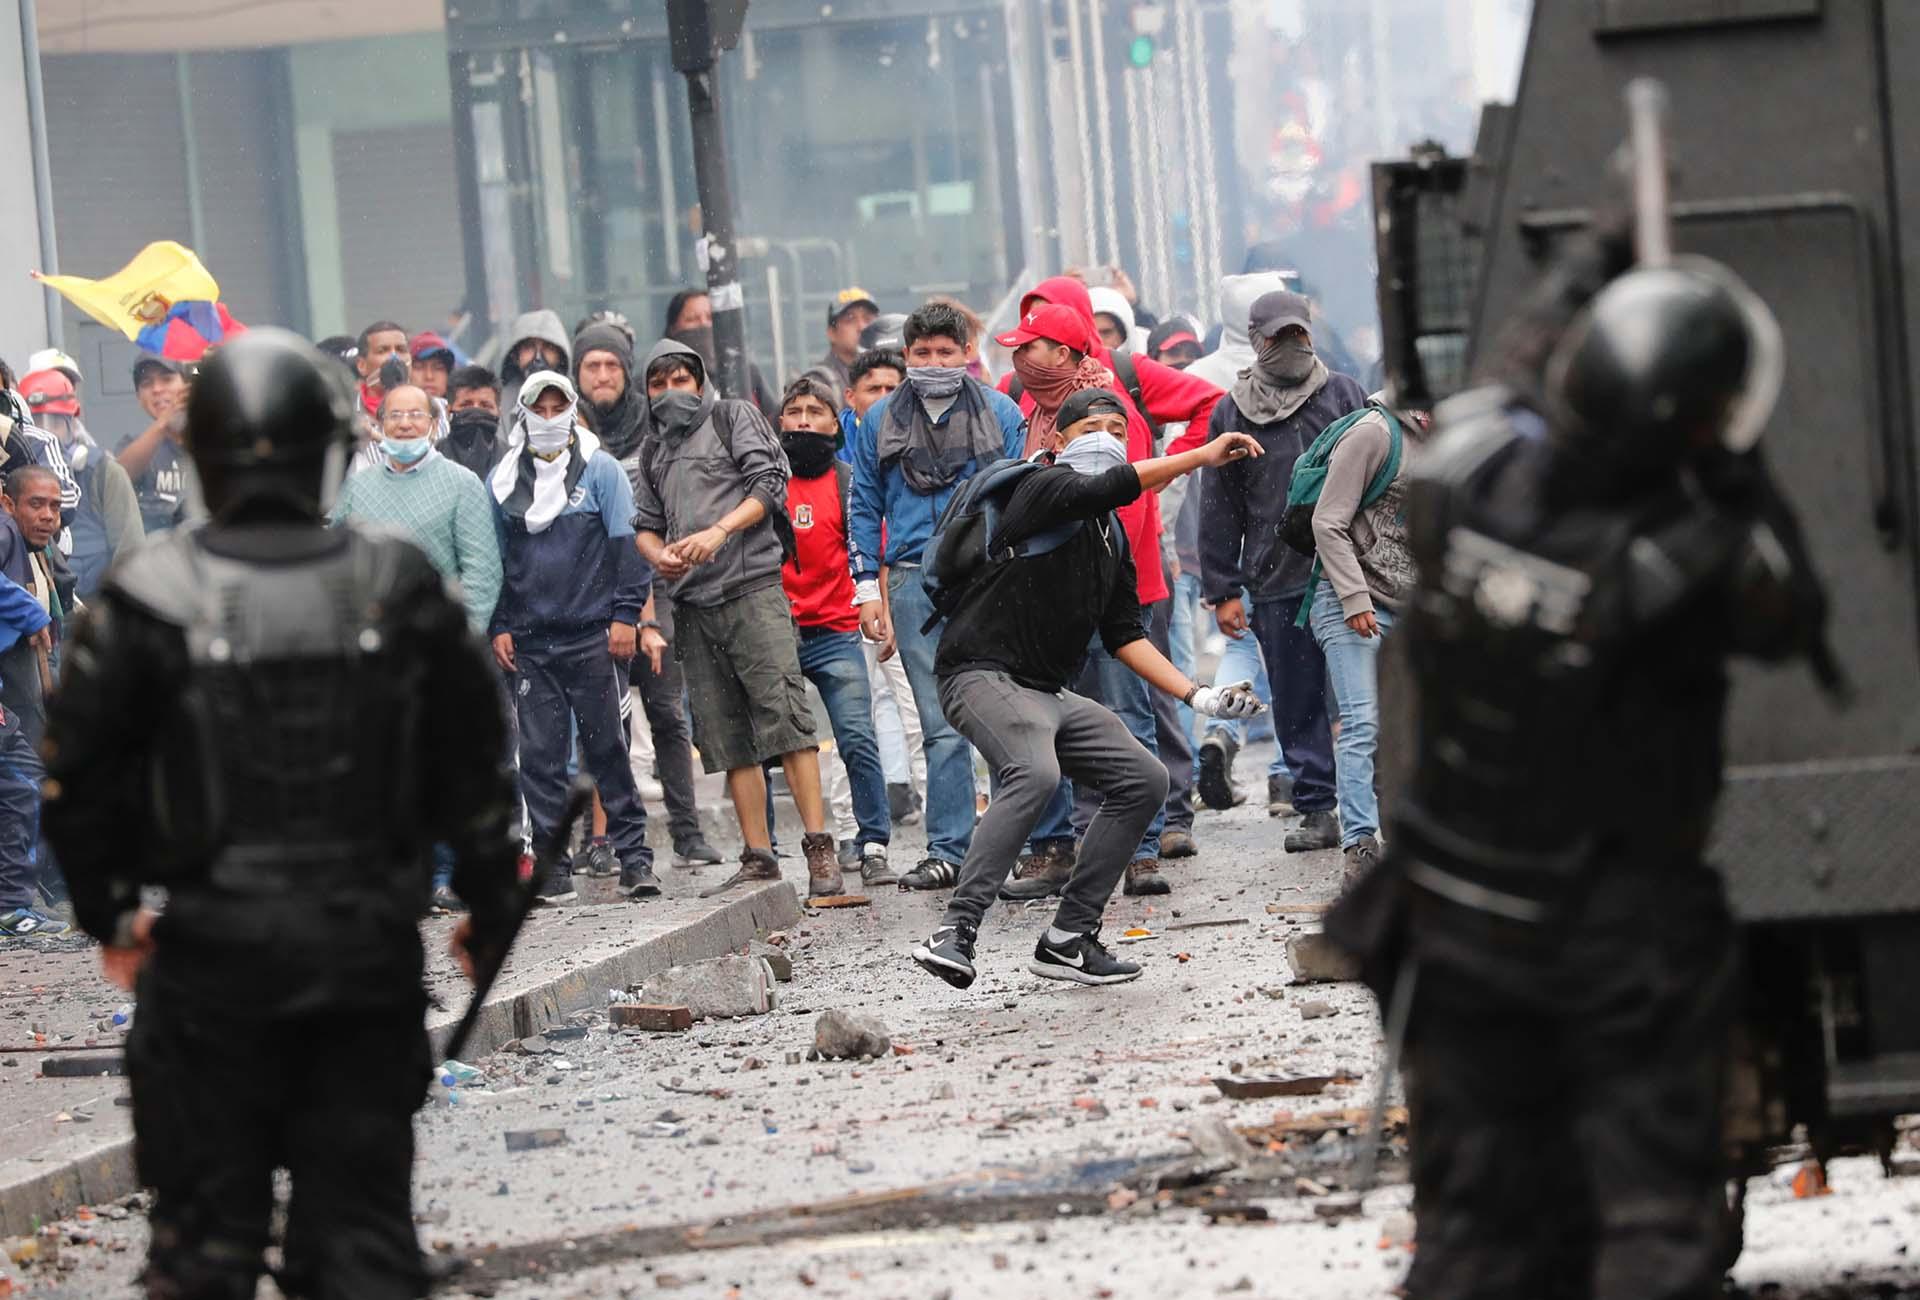 Los jóvenes lanzaron piedras contra las fuerzas de seguridad (AP Photo/Dolores Ochoa)